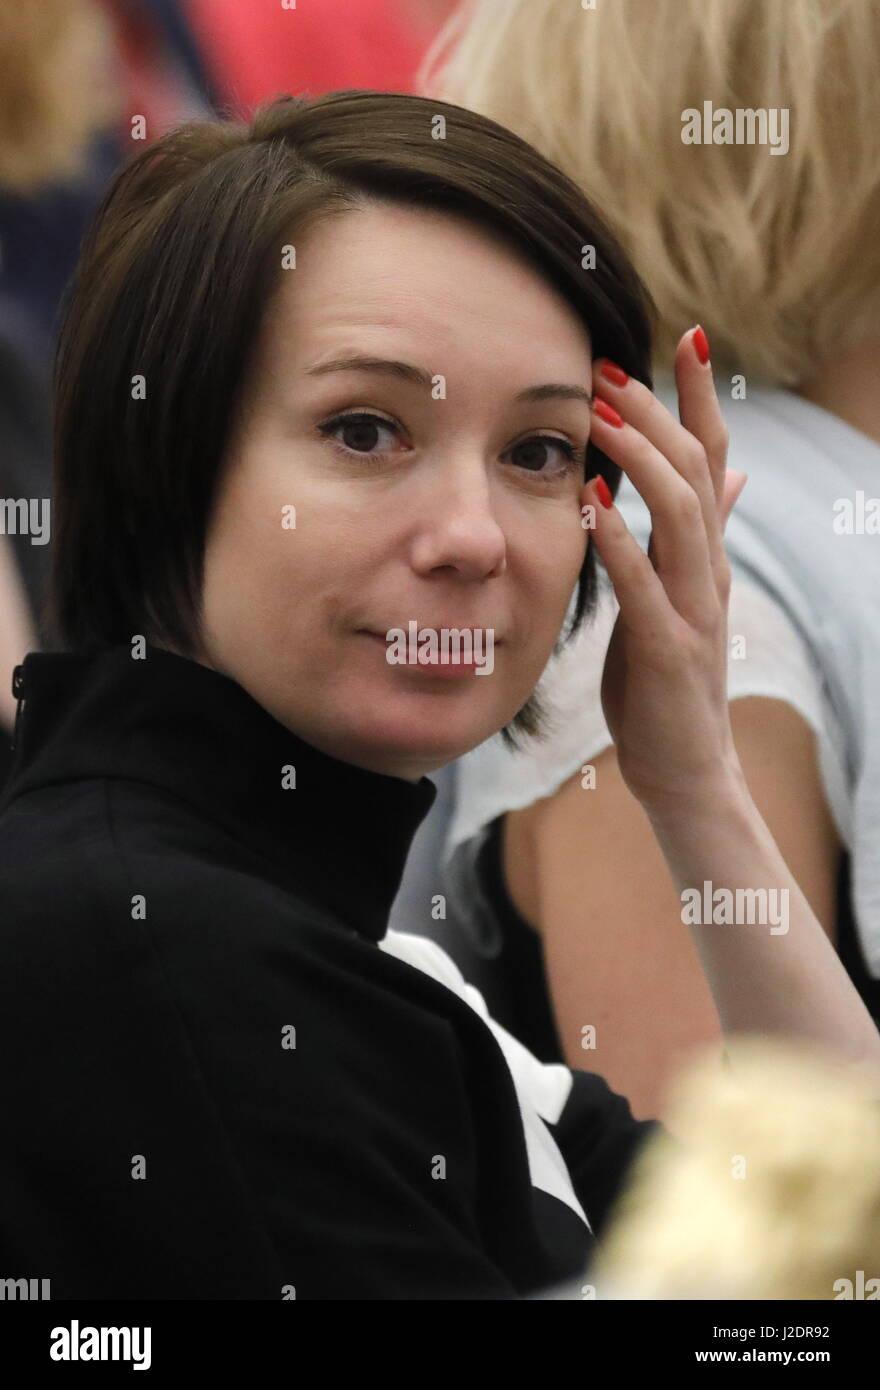 Chulpan Khamatova without cosmetics looks like a student 20.03.2012 73